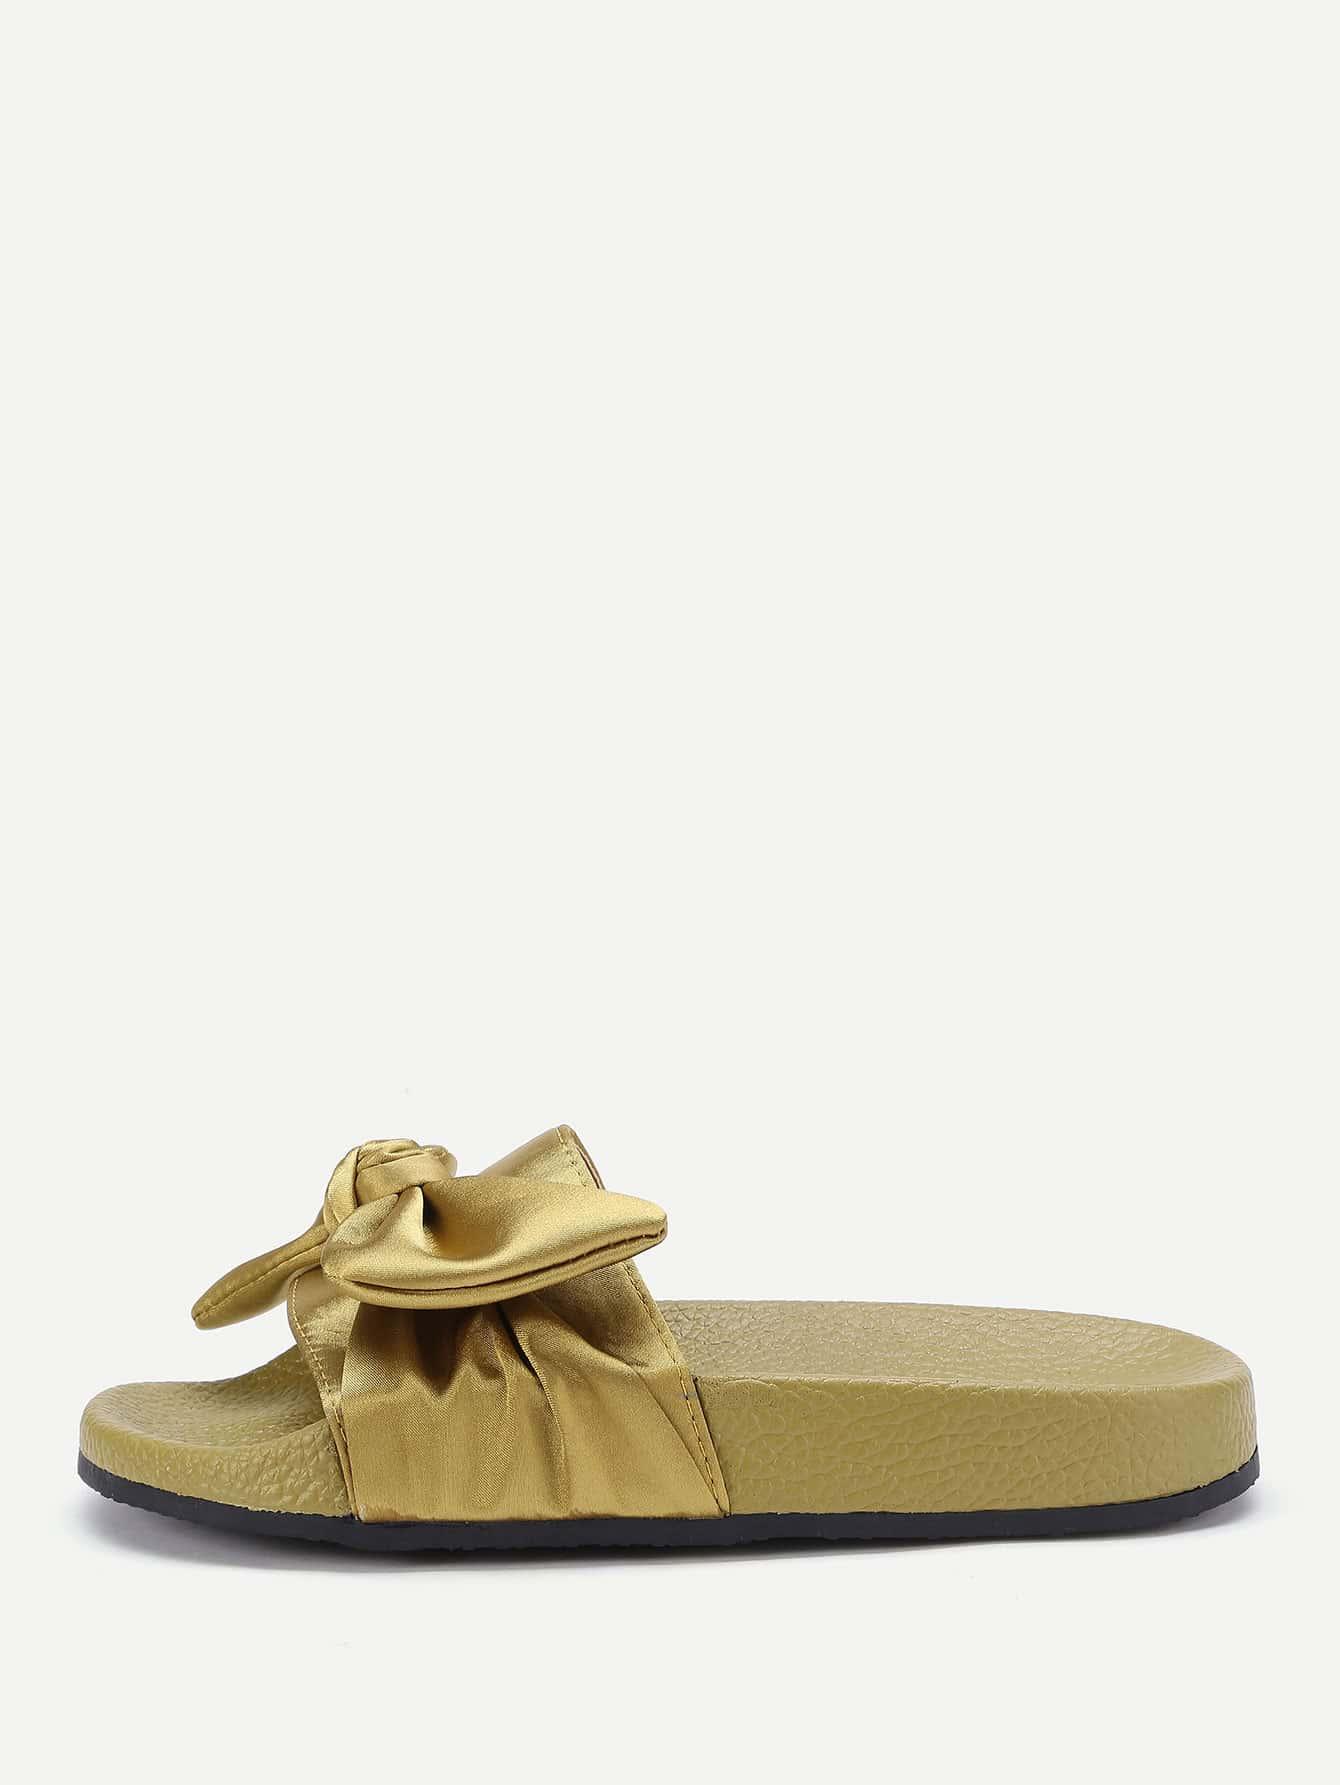 shoes170425807_2